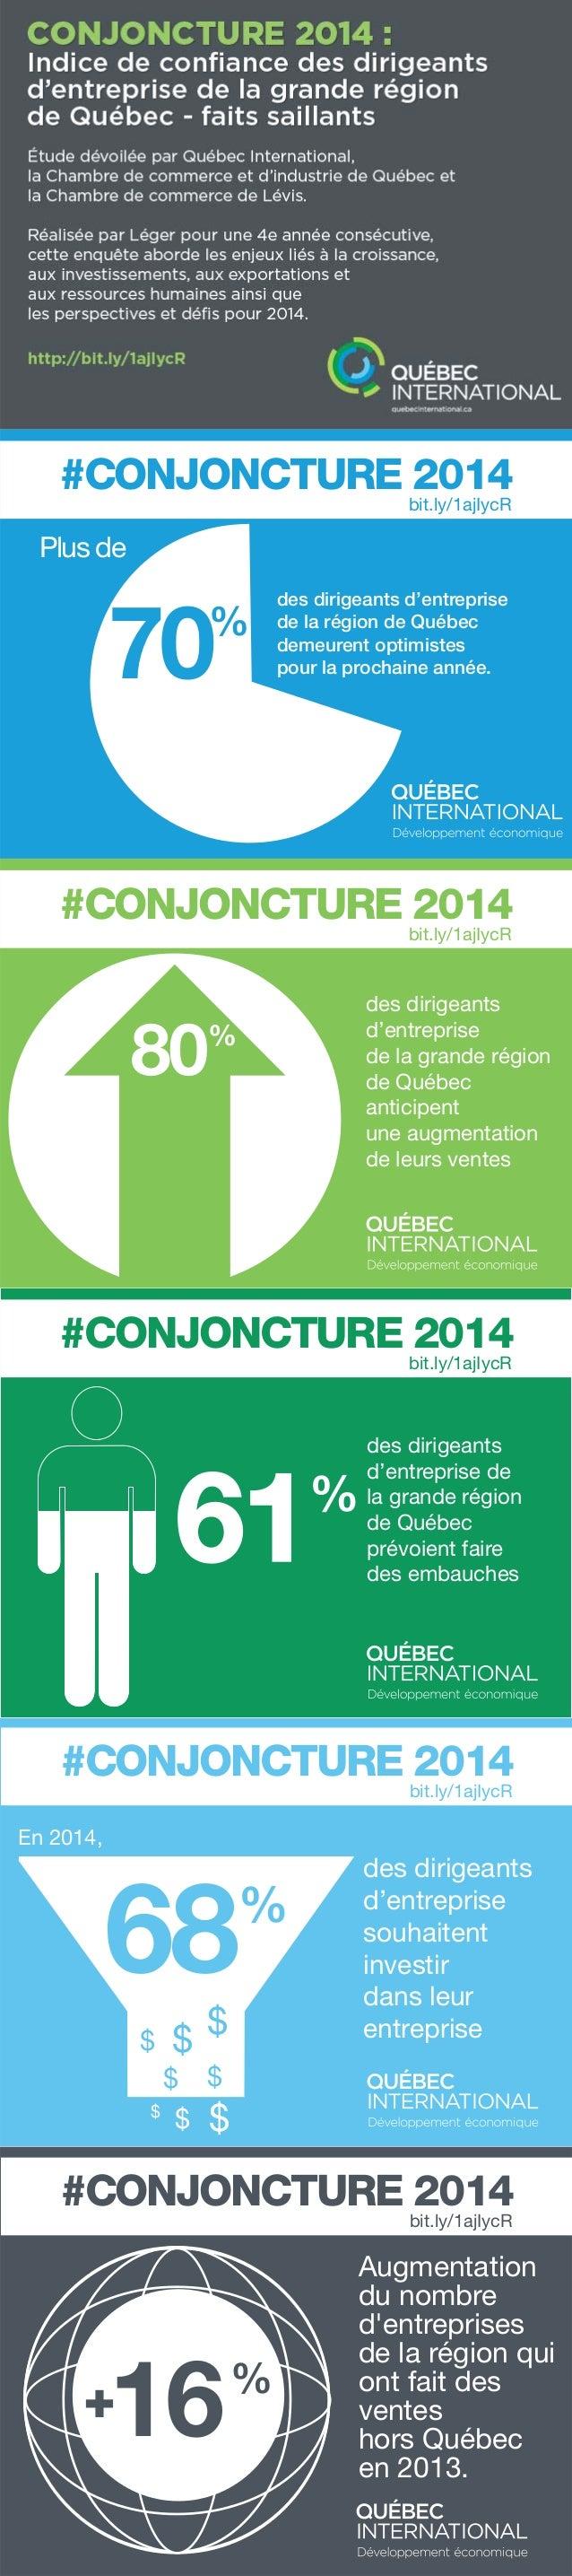 #CONJONCTURE bit.ly/1ajIycR 2014 Plus de  %  70  des dirigeants d'entreprise de la région de Québec demeurent optimistes p...